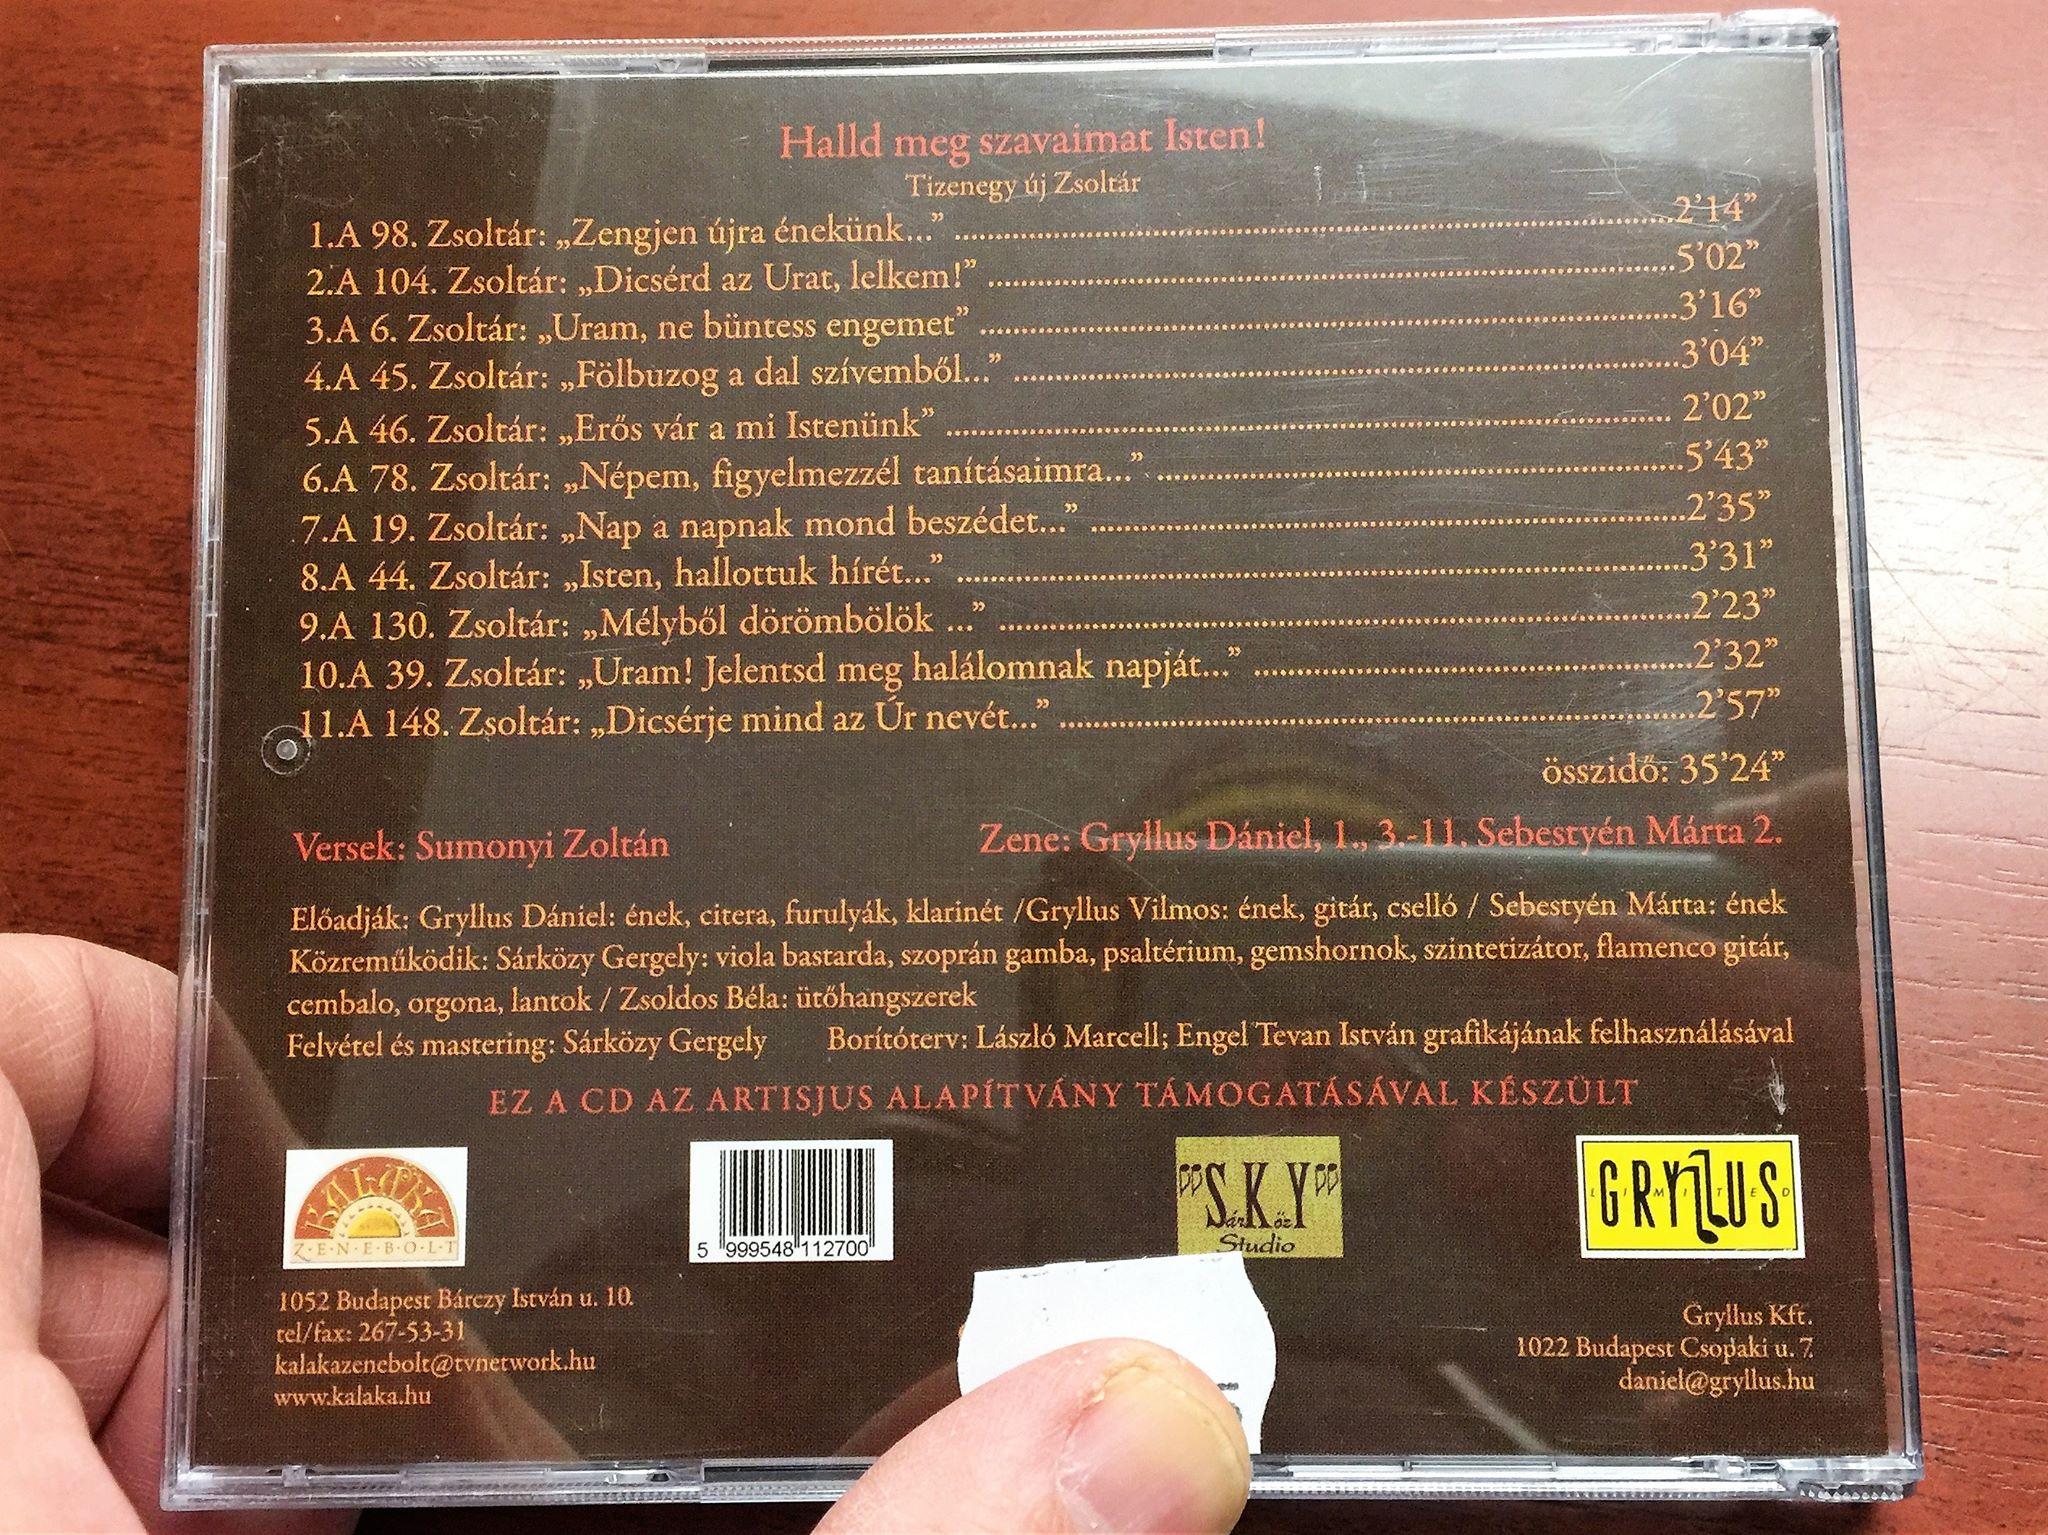 halld-meg-szavaimat-isten-hear-my-words-god-gryllus-d-niel-sumonyi-zolt-n-sebesty-n-m-rta-hungarian-cd-2010-tizenegy-j-zsolt-r-11-new-psalms-2-.jpg